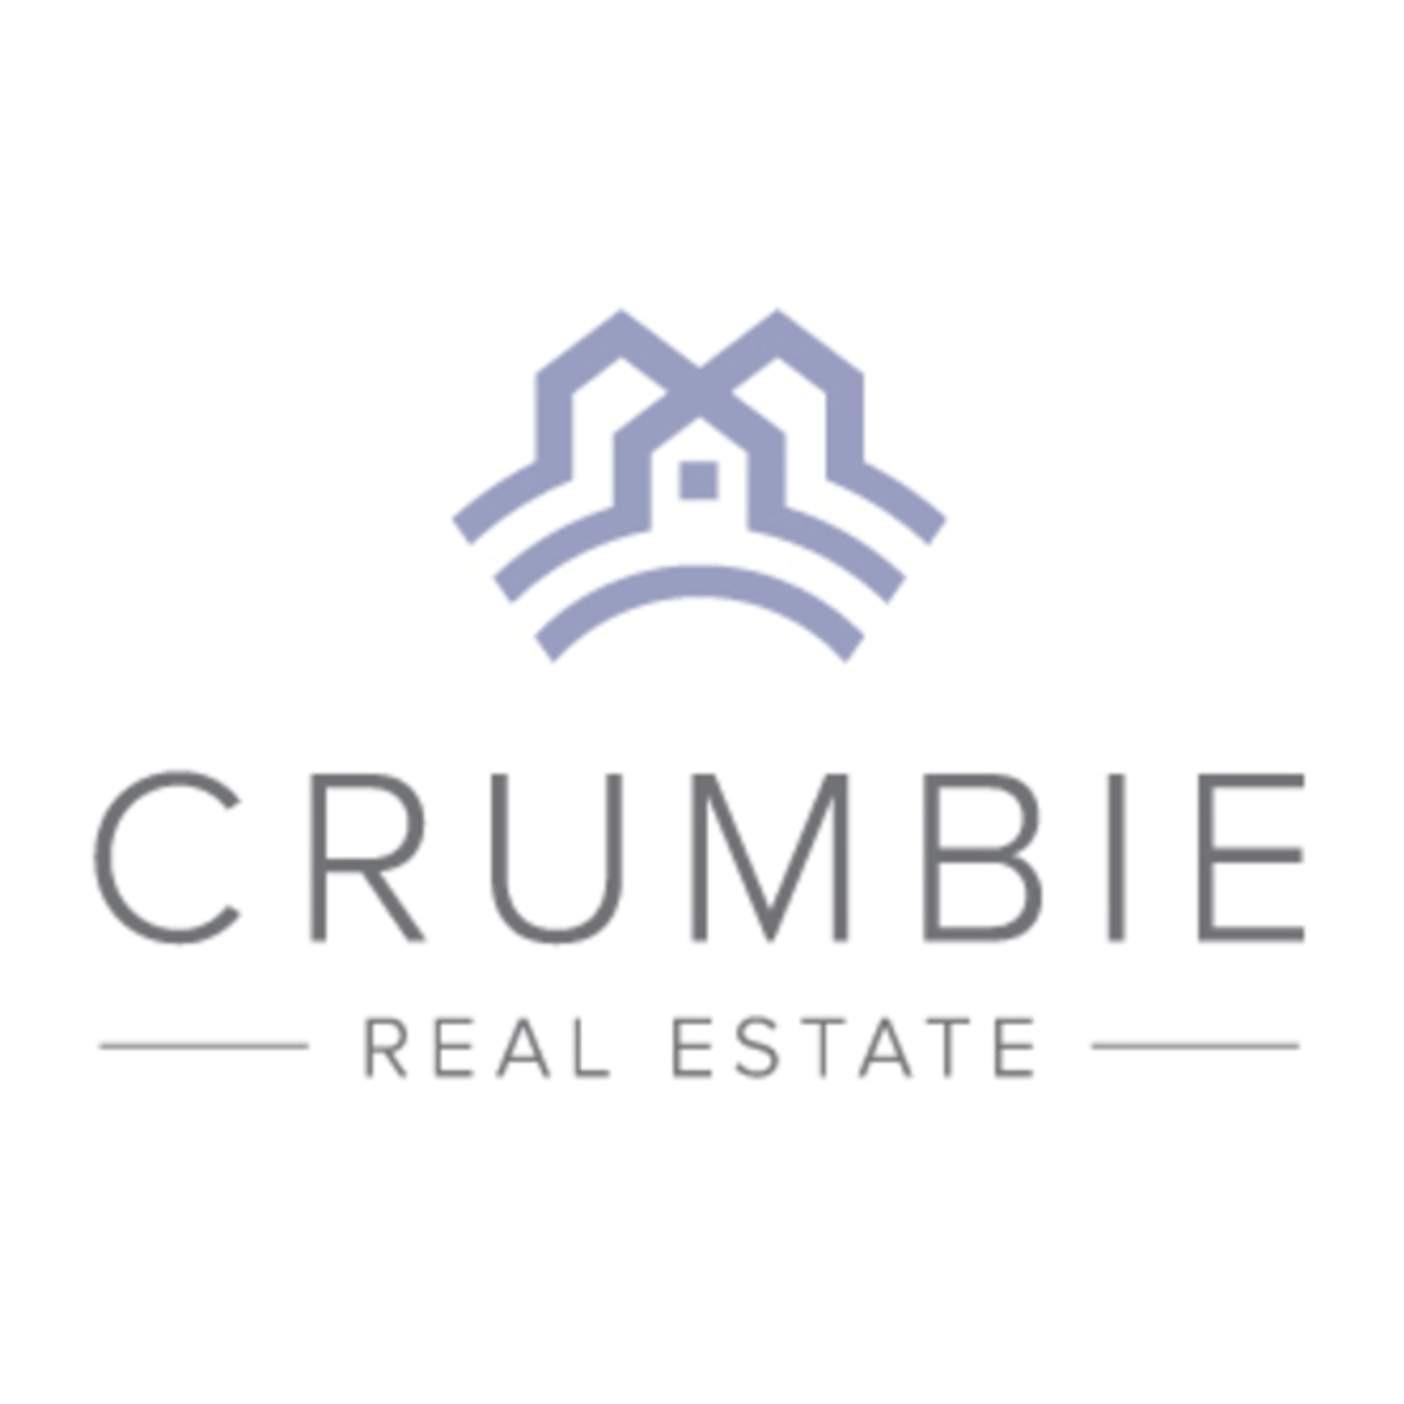 Linda Ford | Crumbie Real Estate LLC